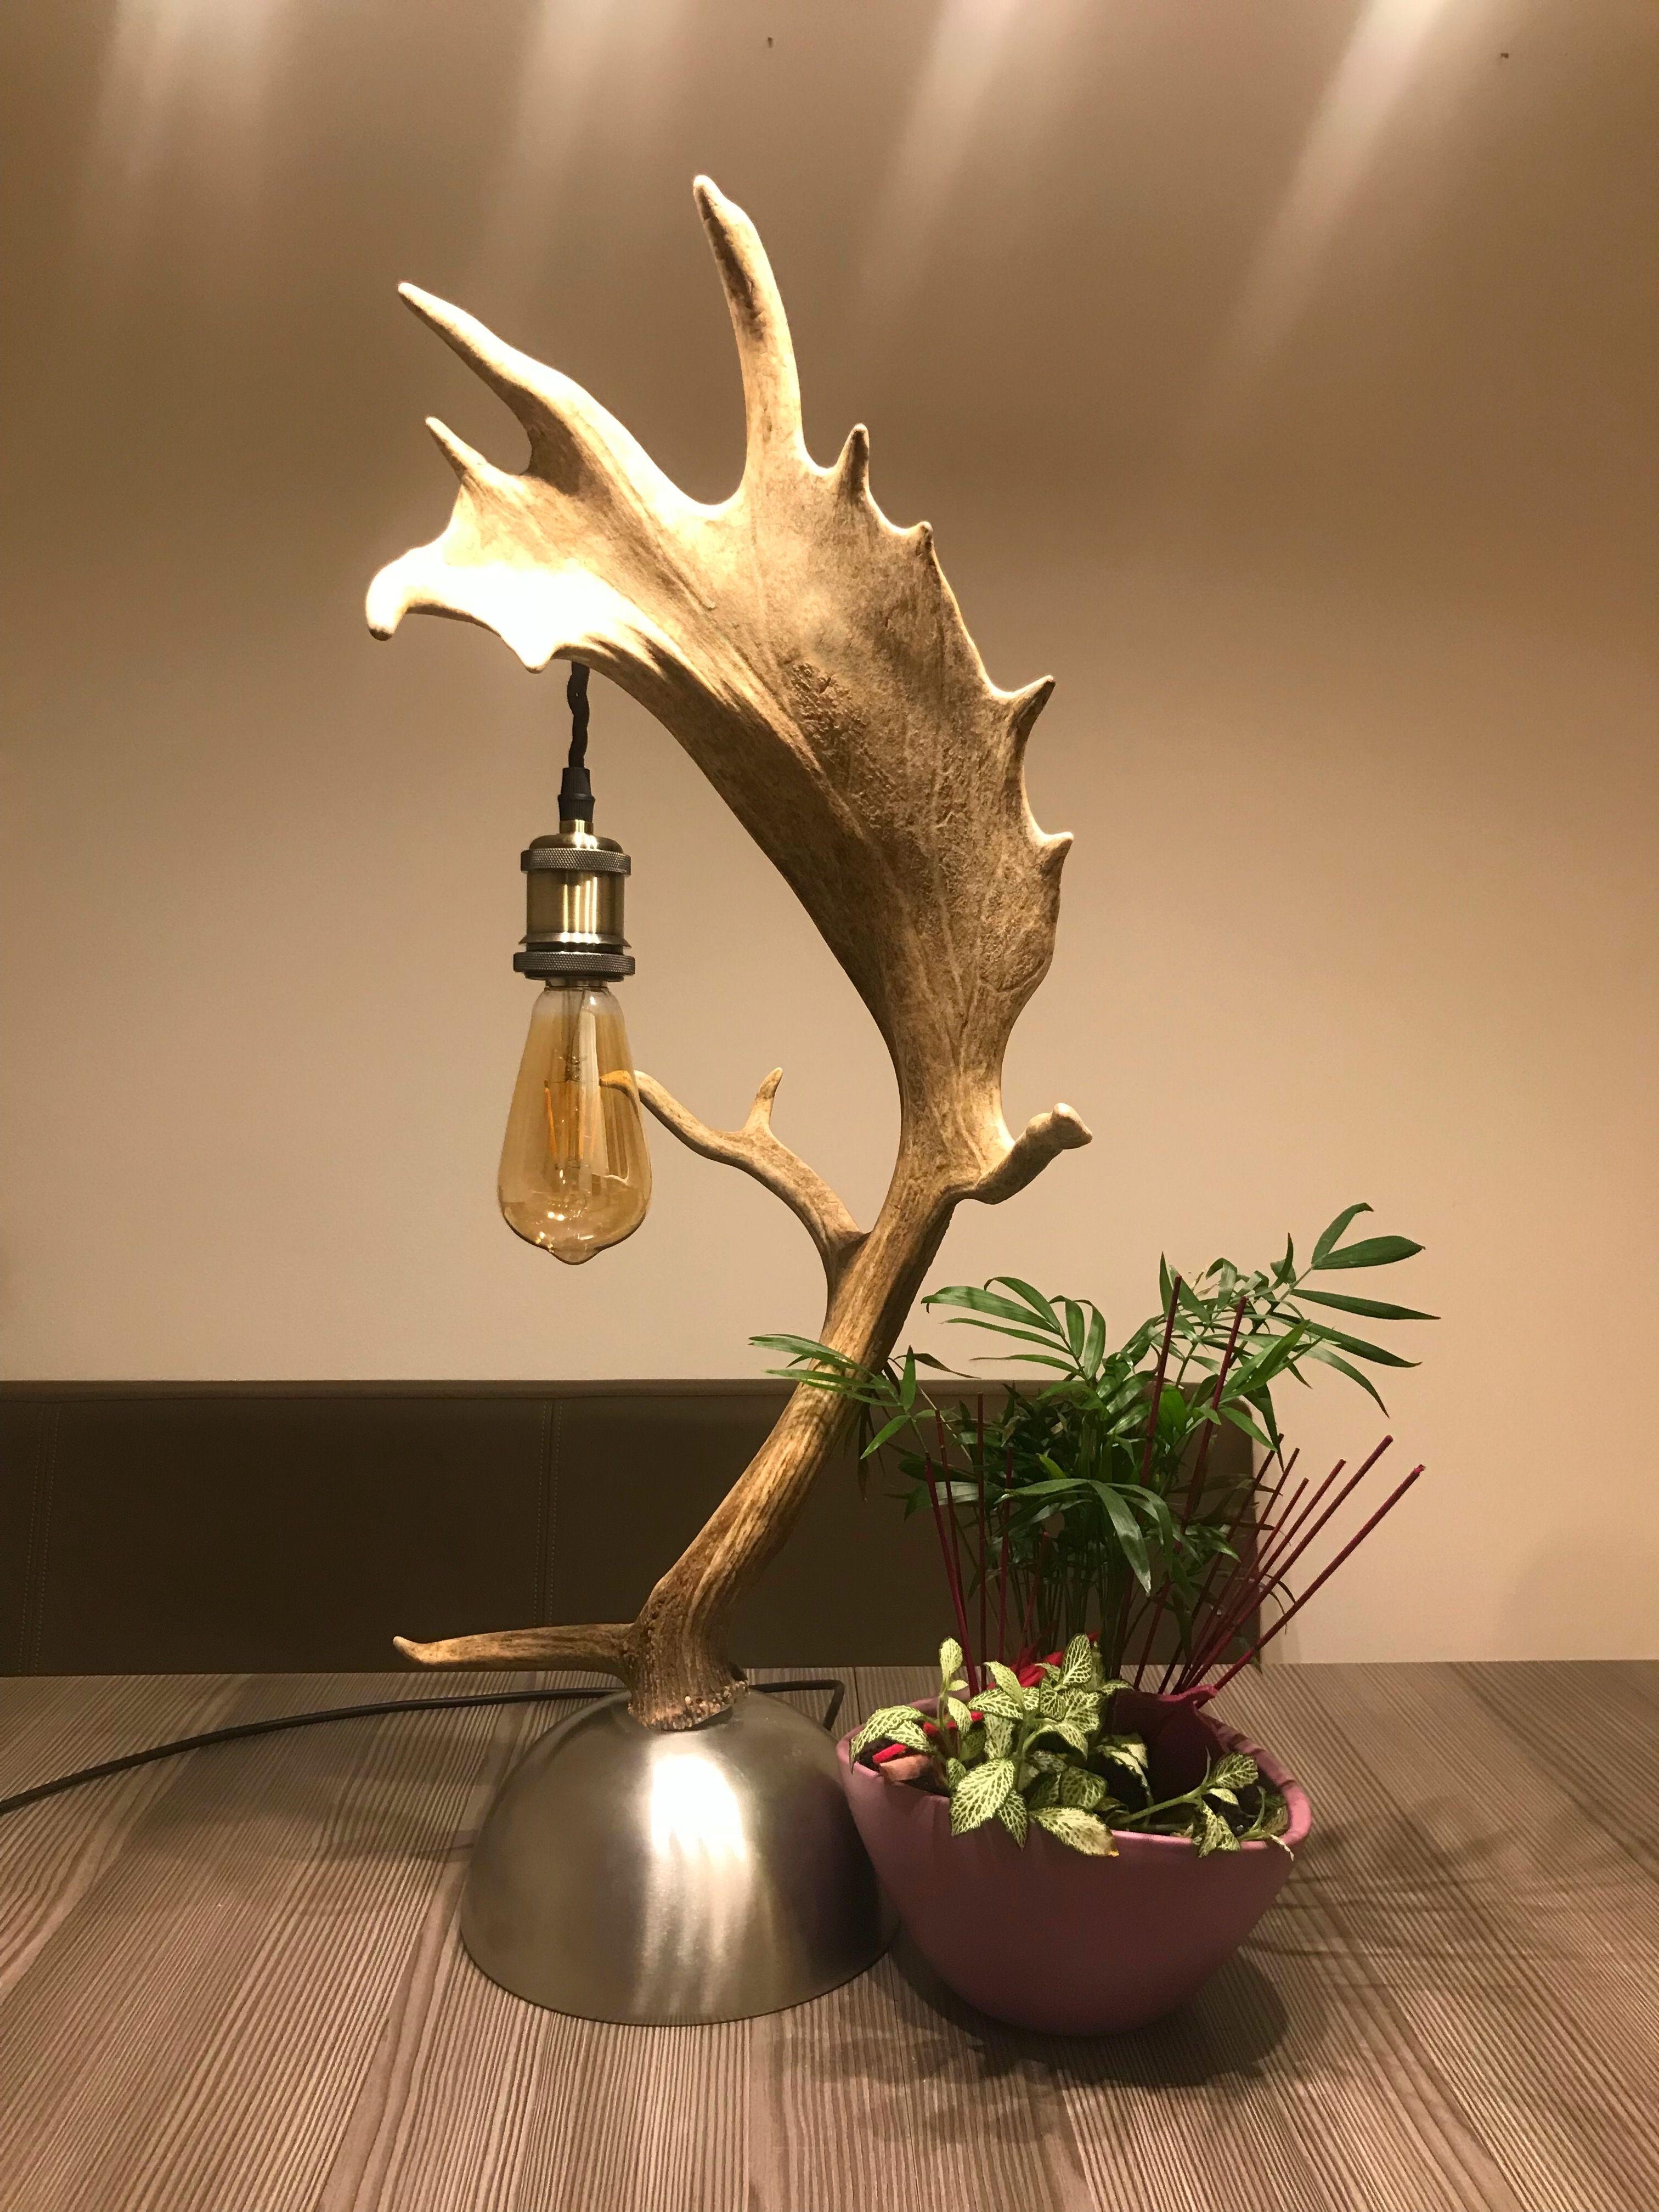 Geweih Tischlampe Von Der österreichischen Manufaktur OH MY DEER Geweih  Luster / Geweih Kronleuchter / Geweih Lampen Nach Maß Und Aus Echten  Geweihen Antler ...